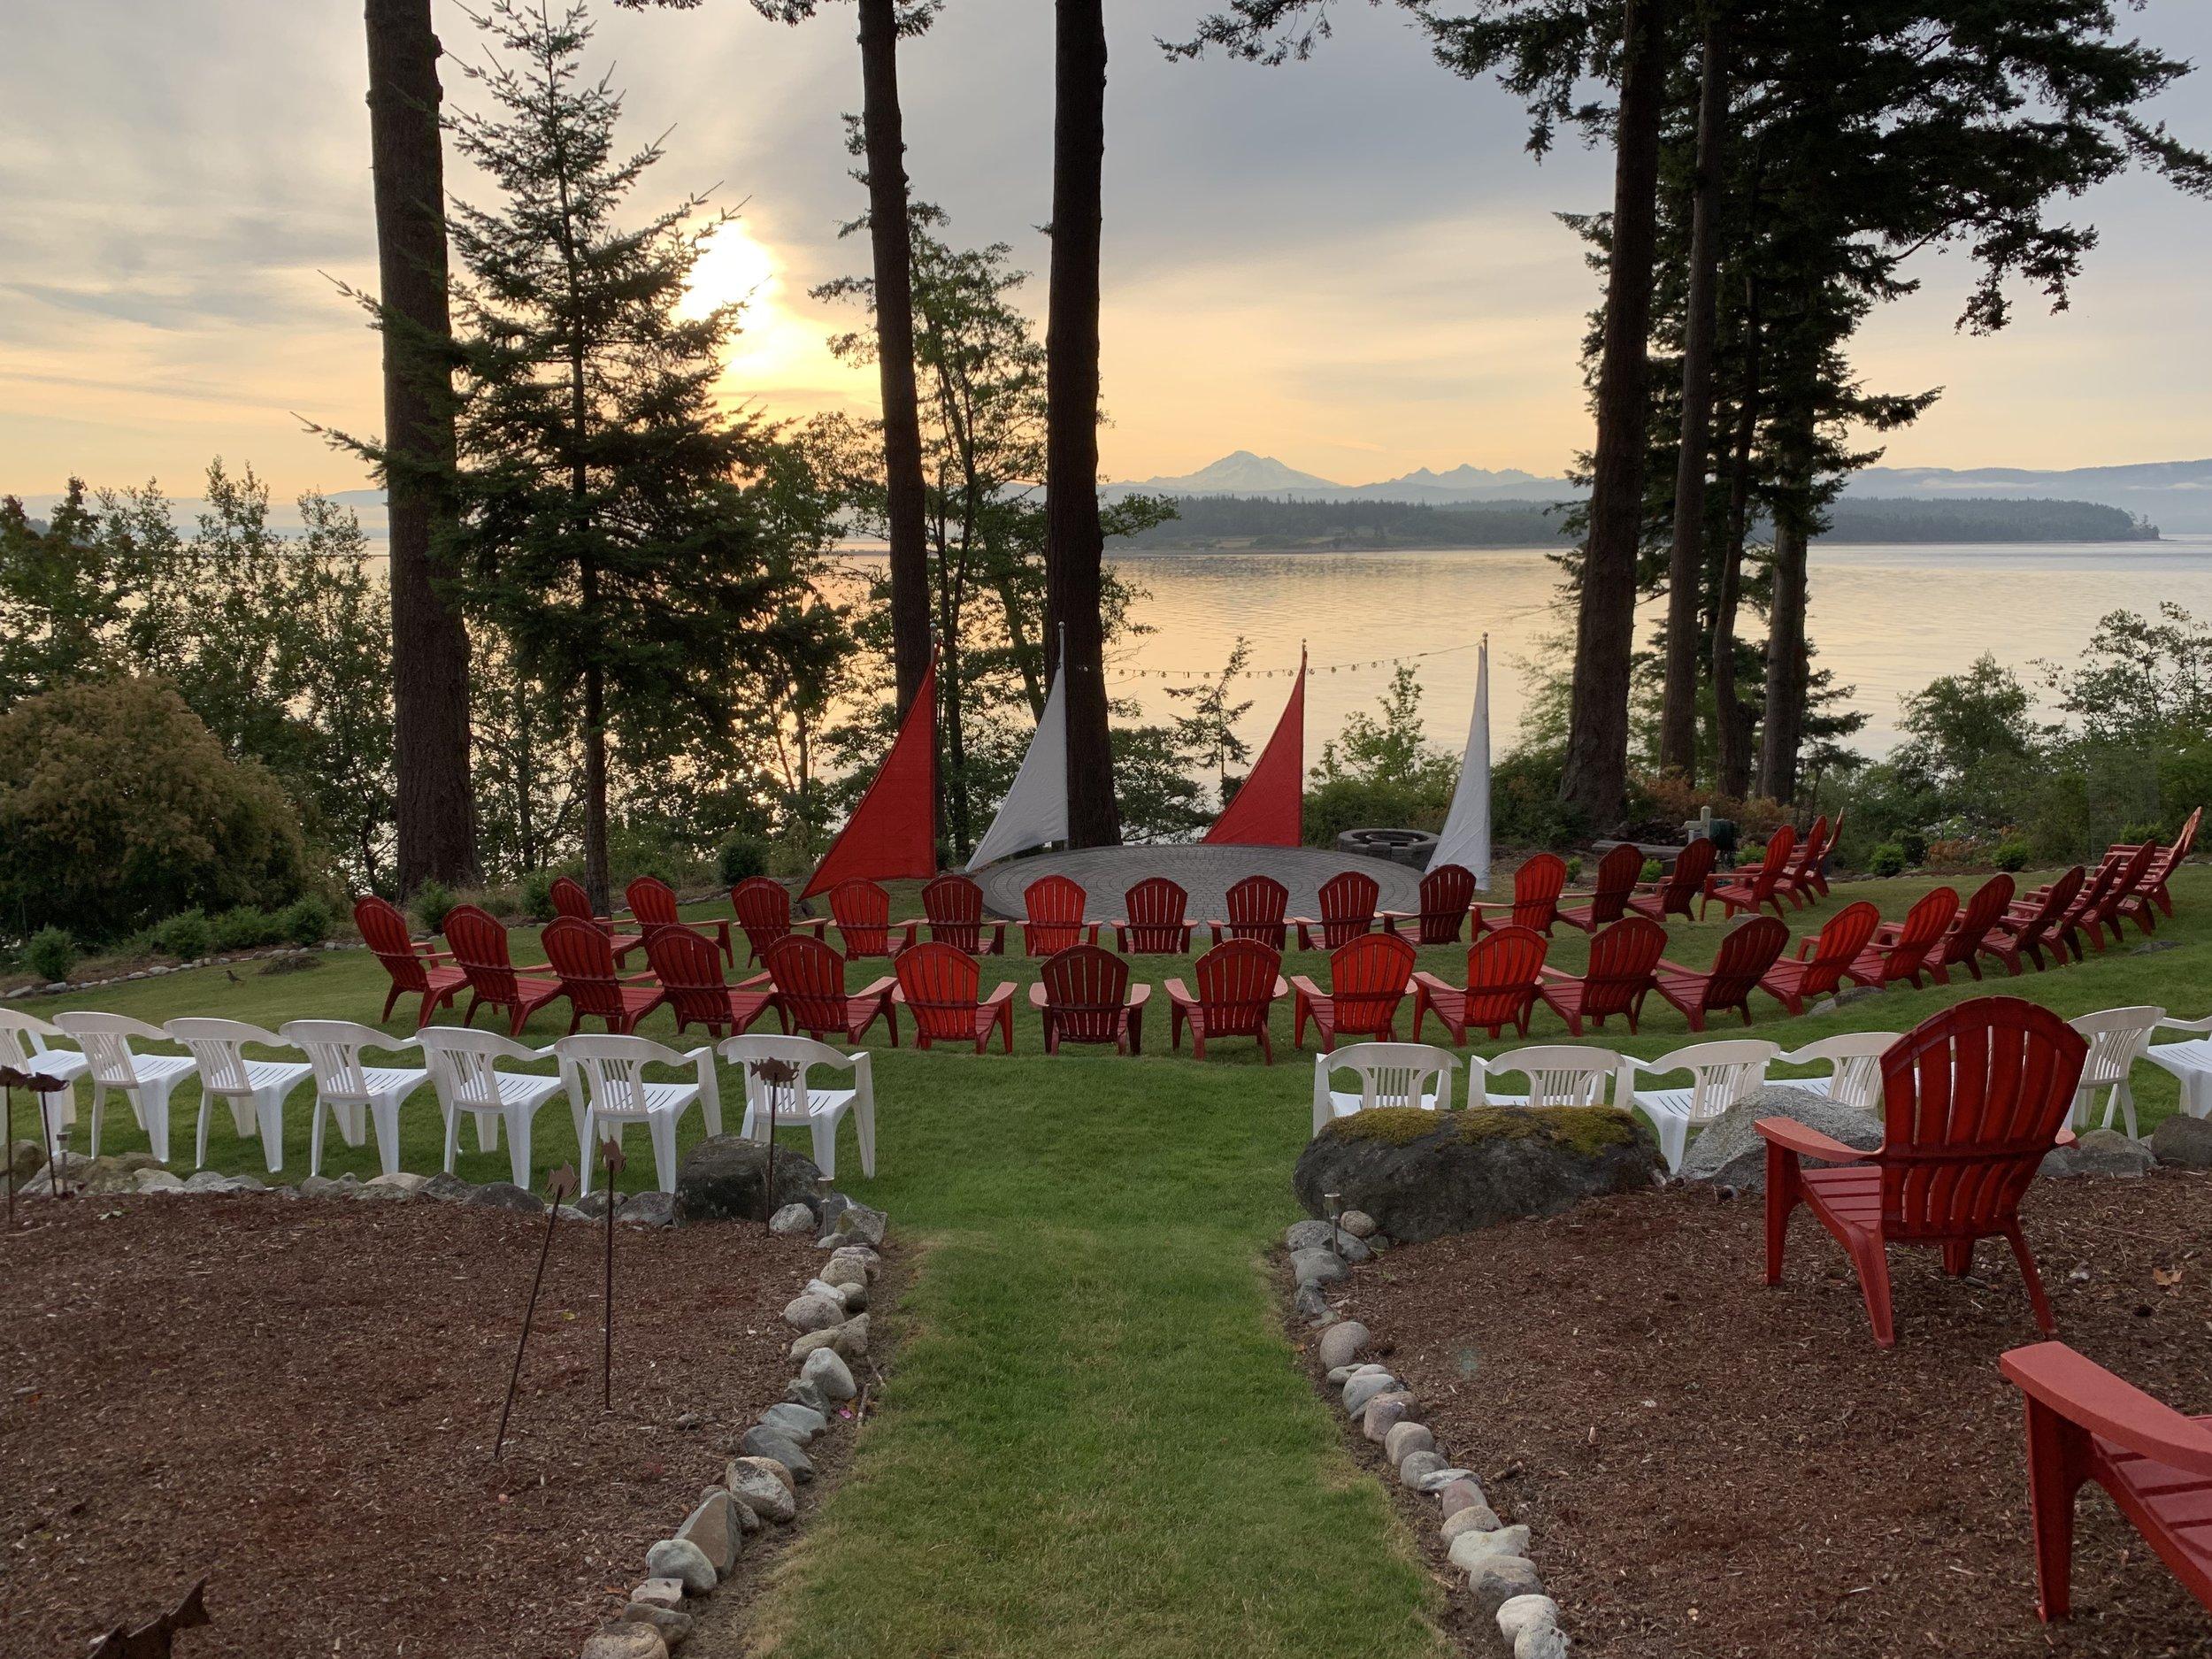 The Rock Garden Amphitheater, Lummi Island 2019